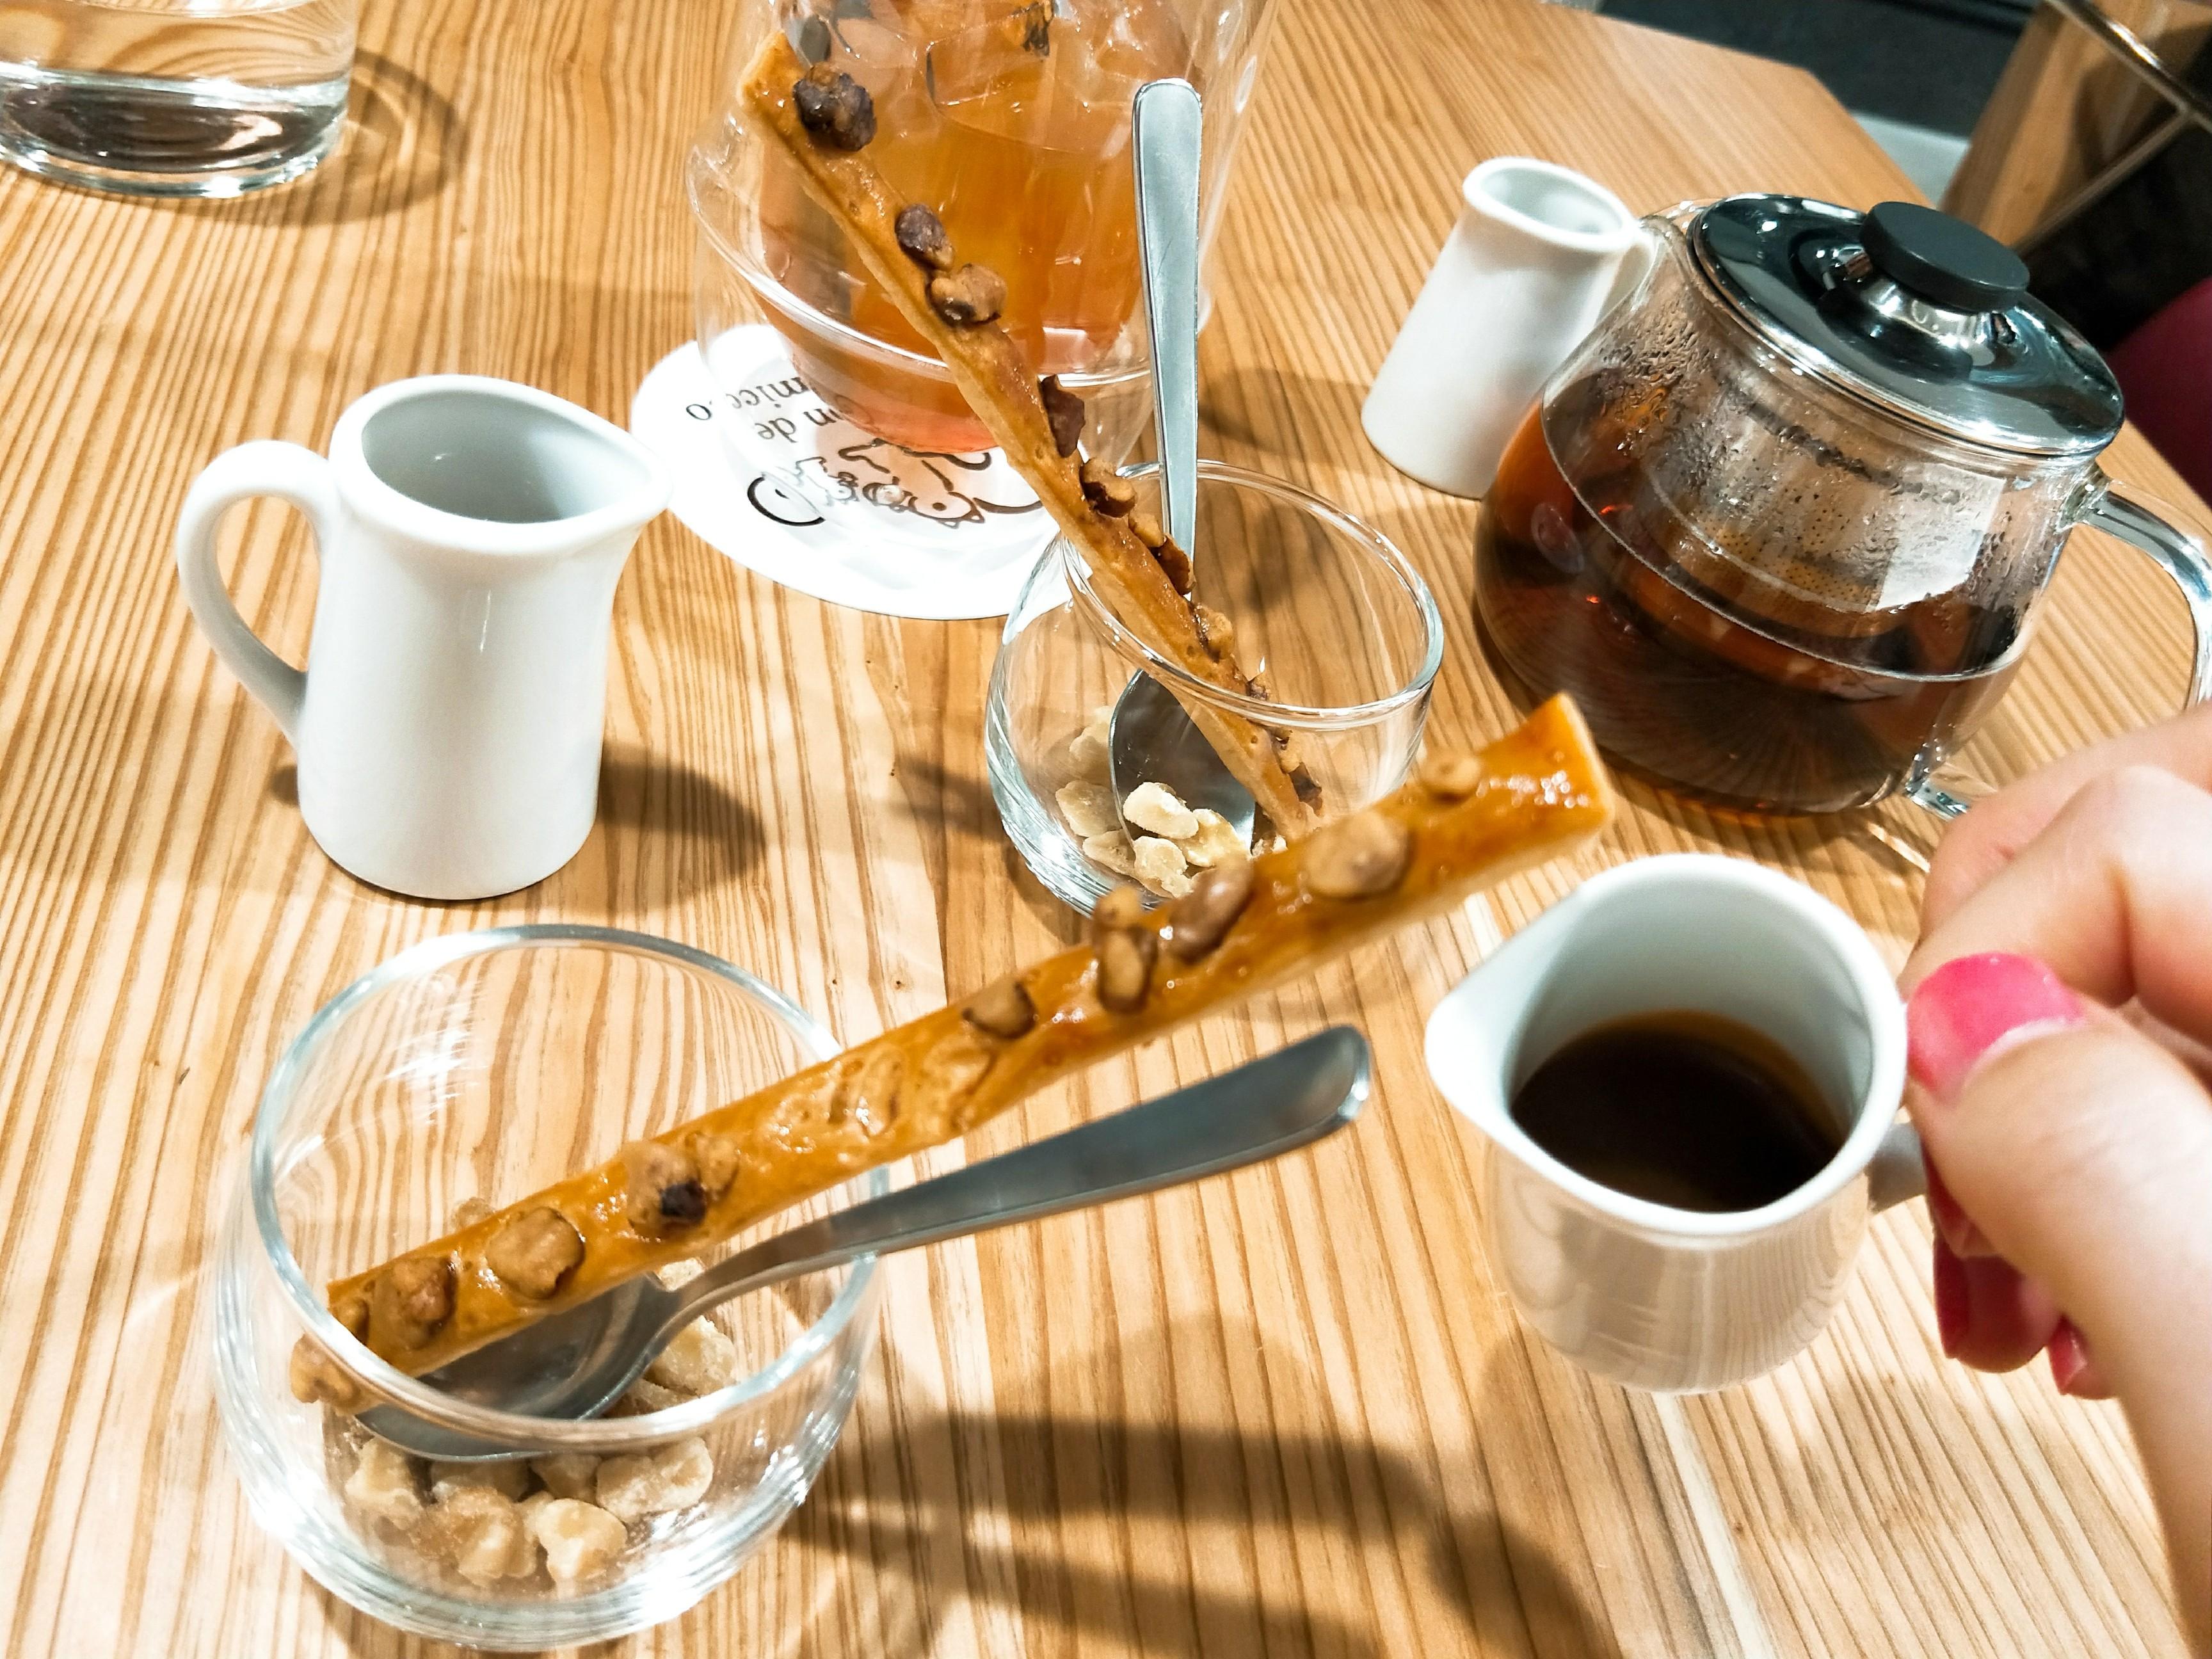 【鎌倉】売切続出「クルミッ子」がカフェに!期間限定プレートやパフェなど可愛いスイーツ♡_3